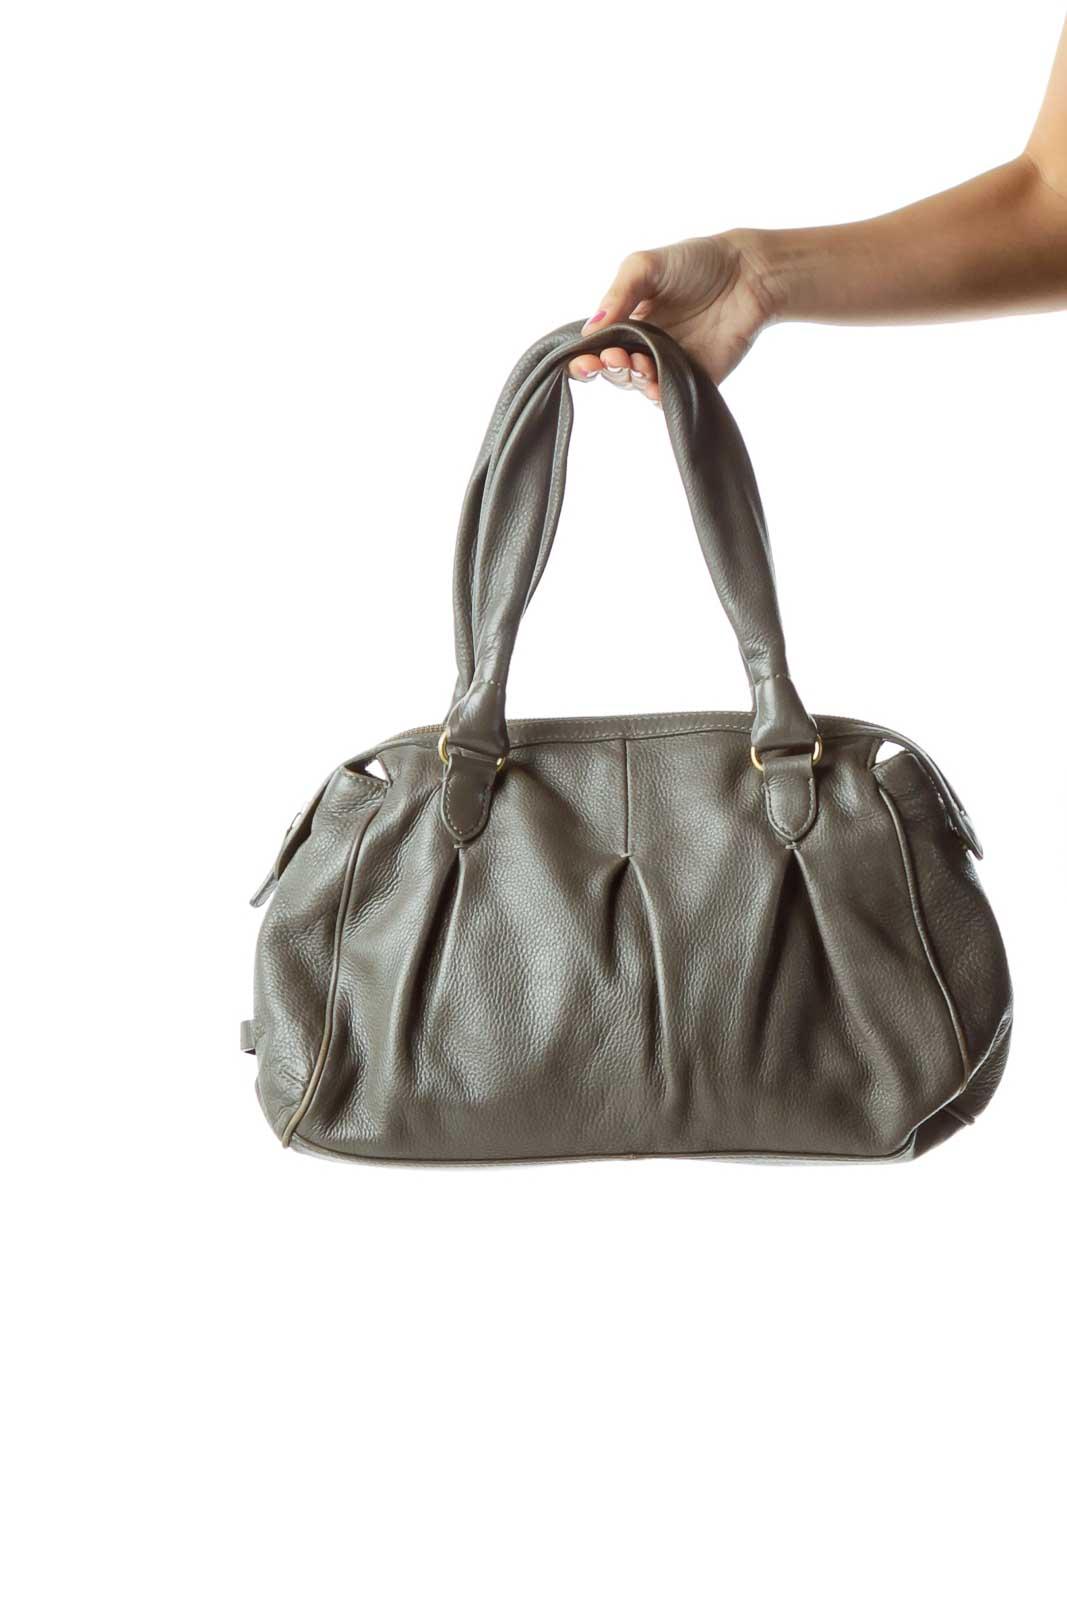 Gray Leather Shoulder Bag Front